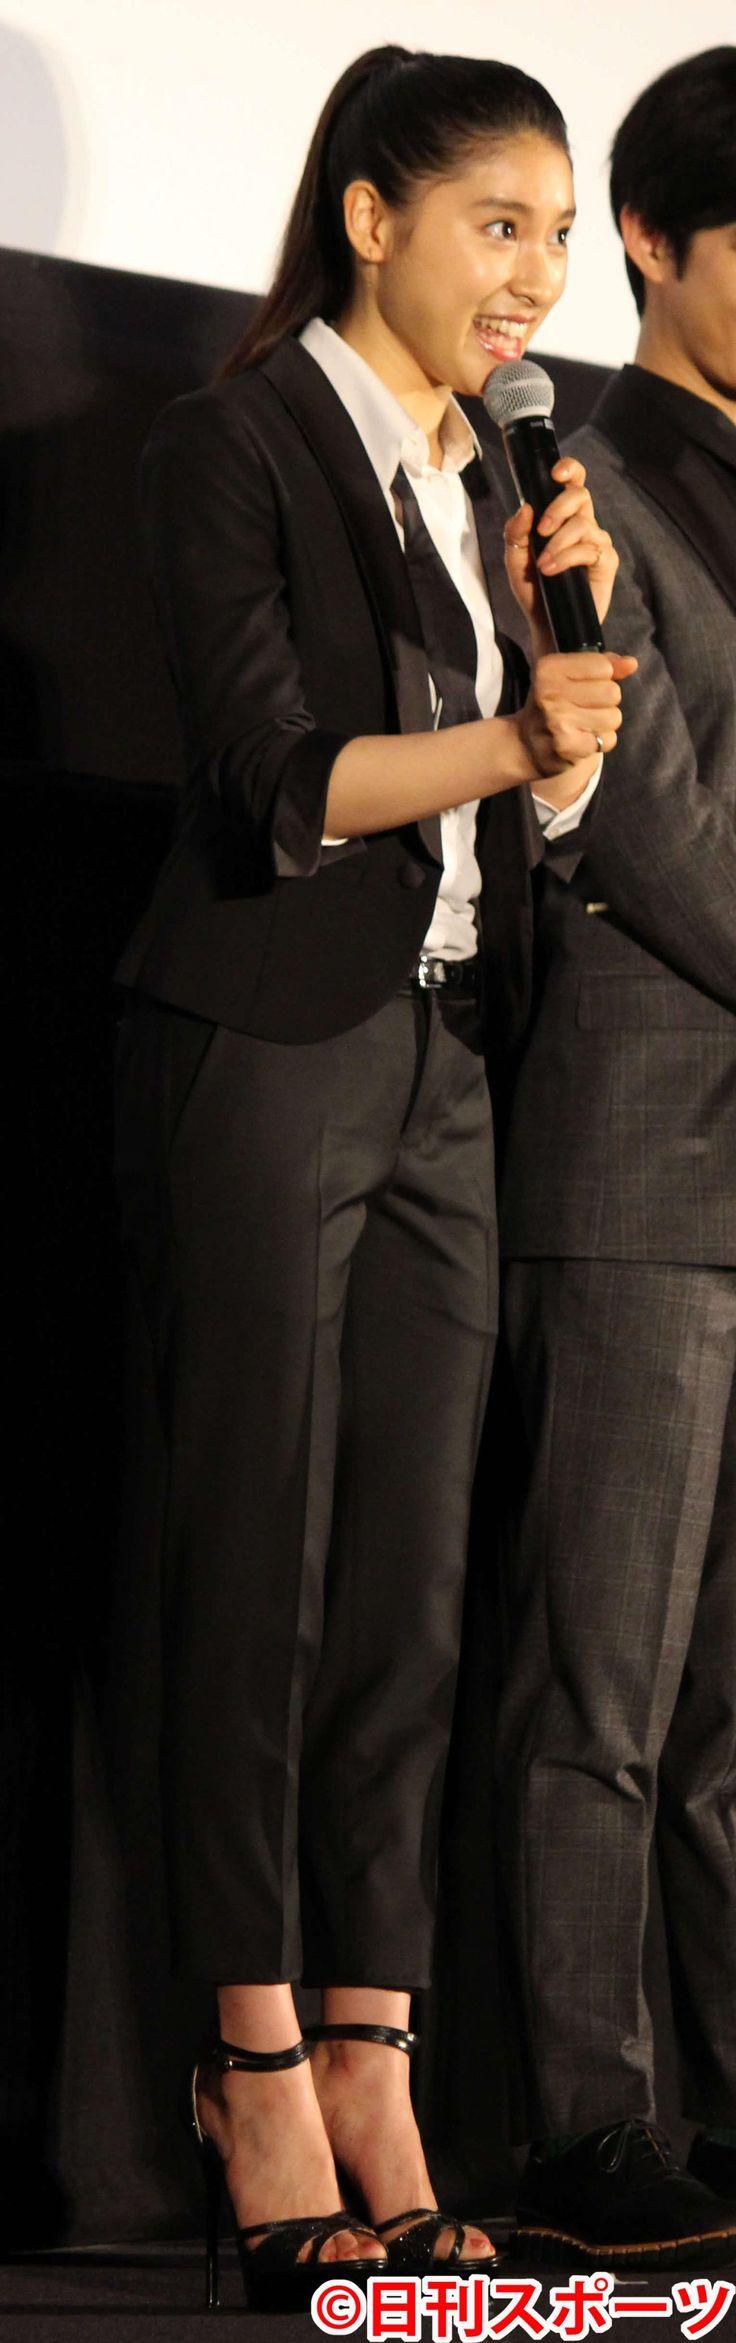 スーツにポニーテールでボーイッシュに決めた土屋太鳳(撮影・杉山理紗) / 土屋太鳳スーツ姿で「お兄たちの愛を感じて欲しい」 #土屋太鳳 #スーツ